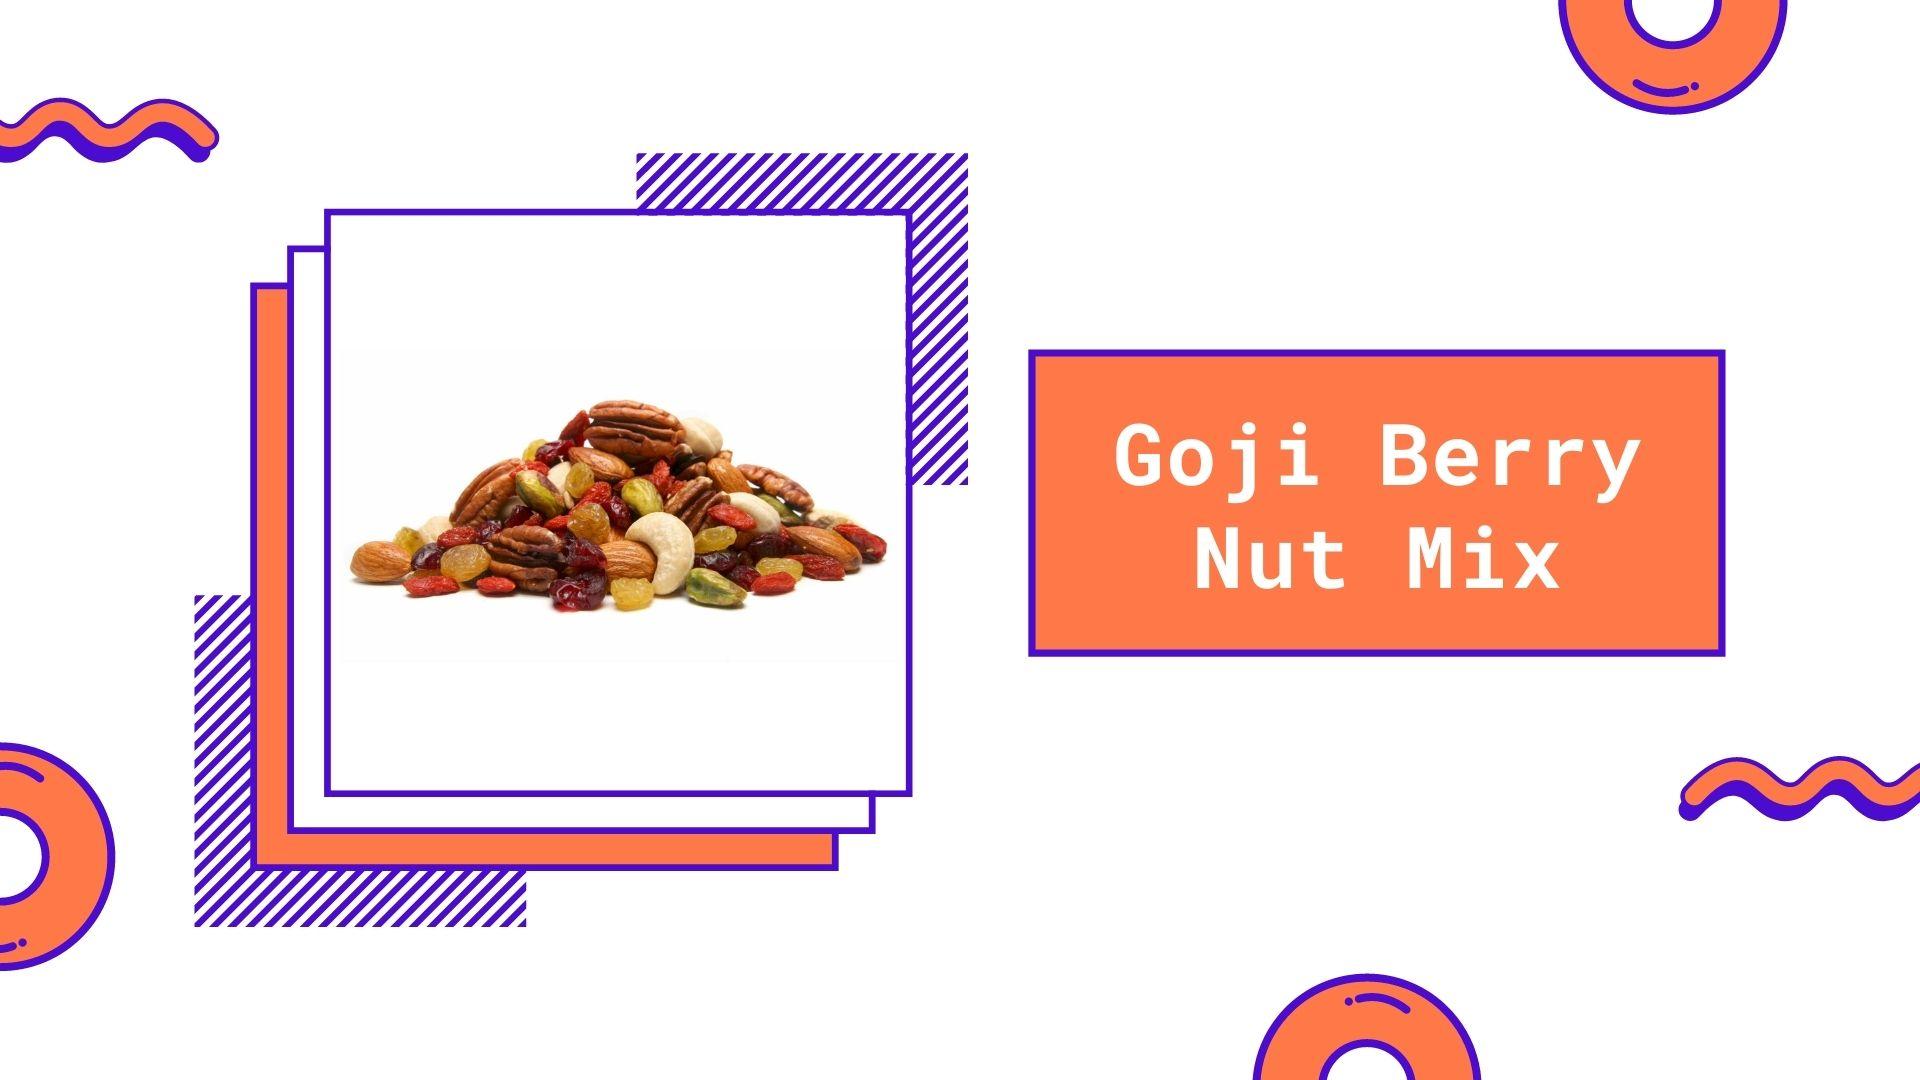 goji berry nut mix